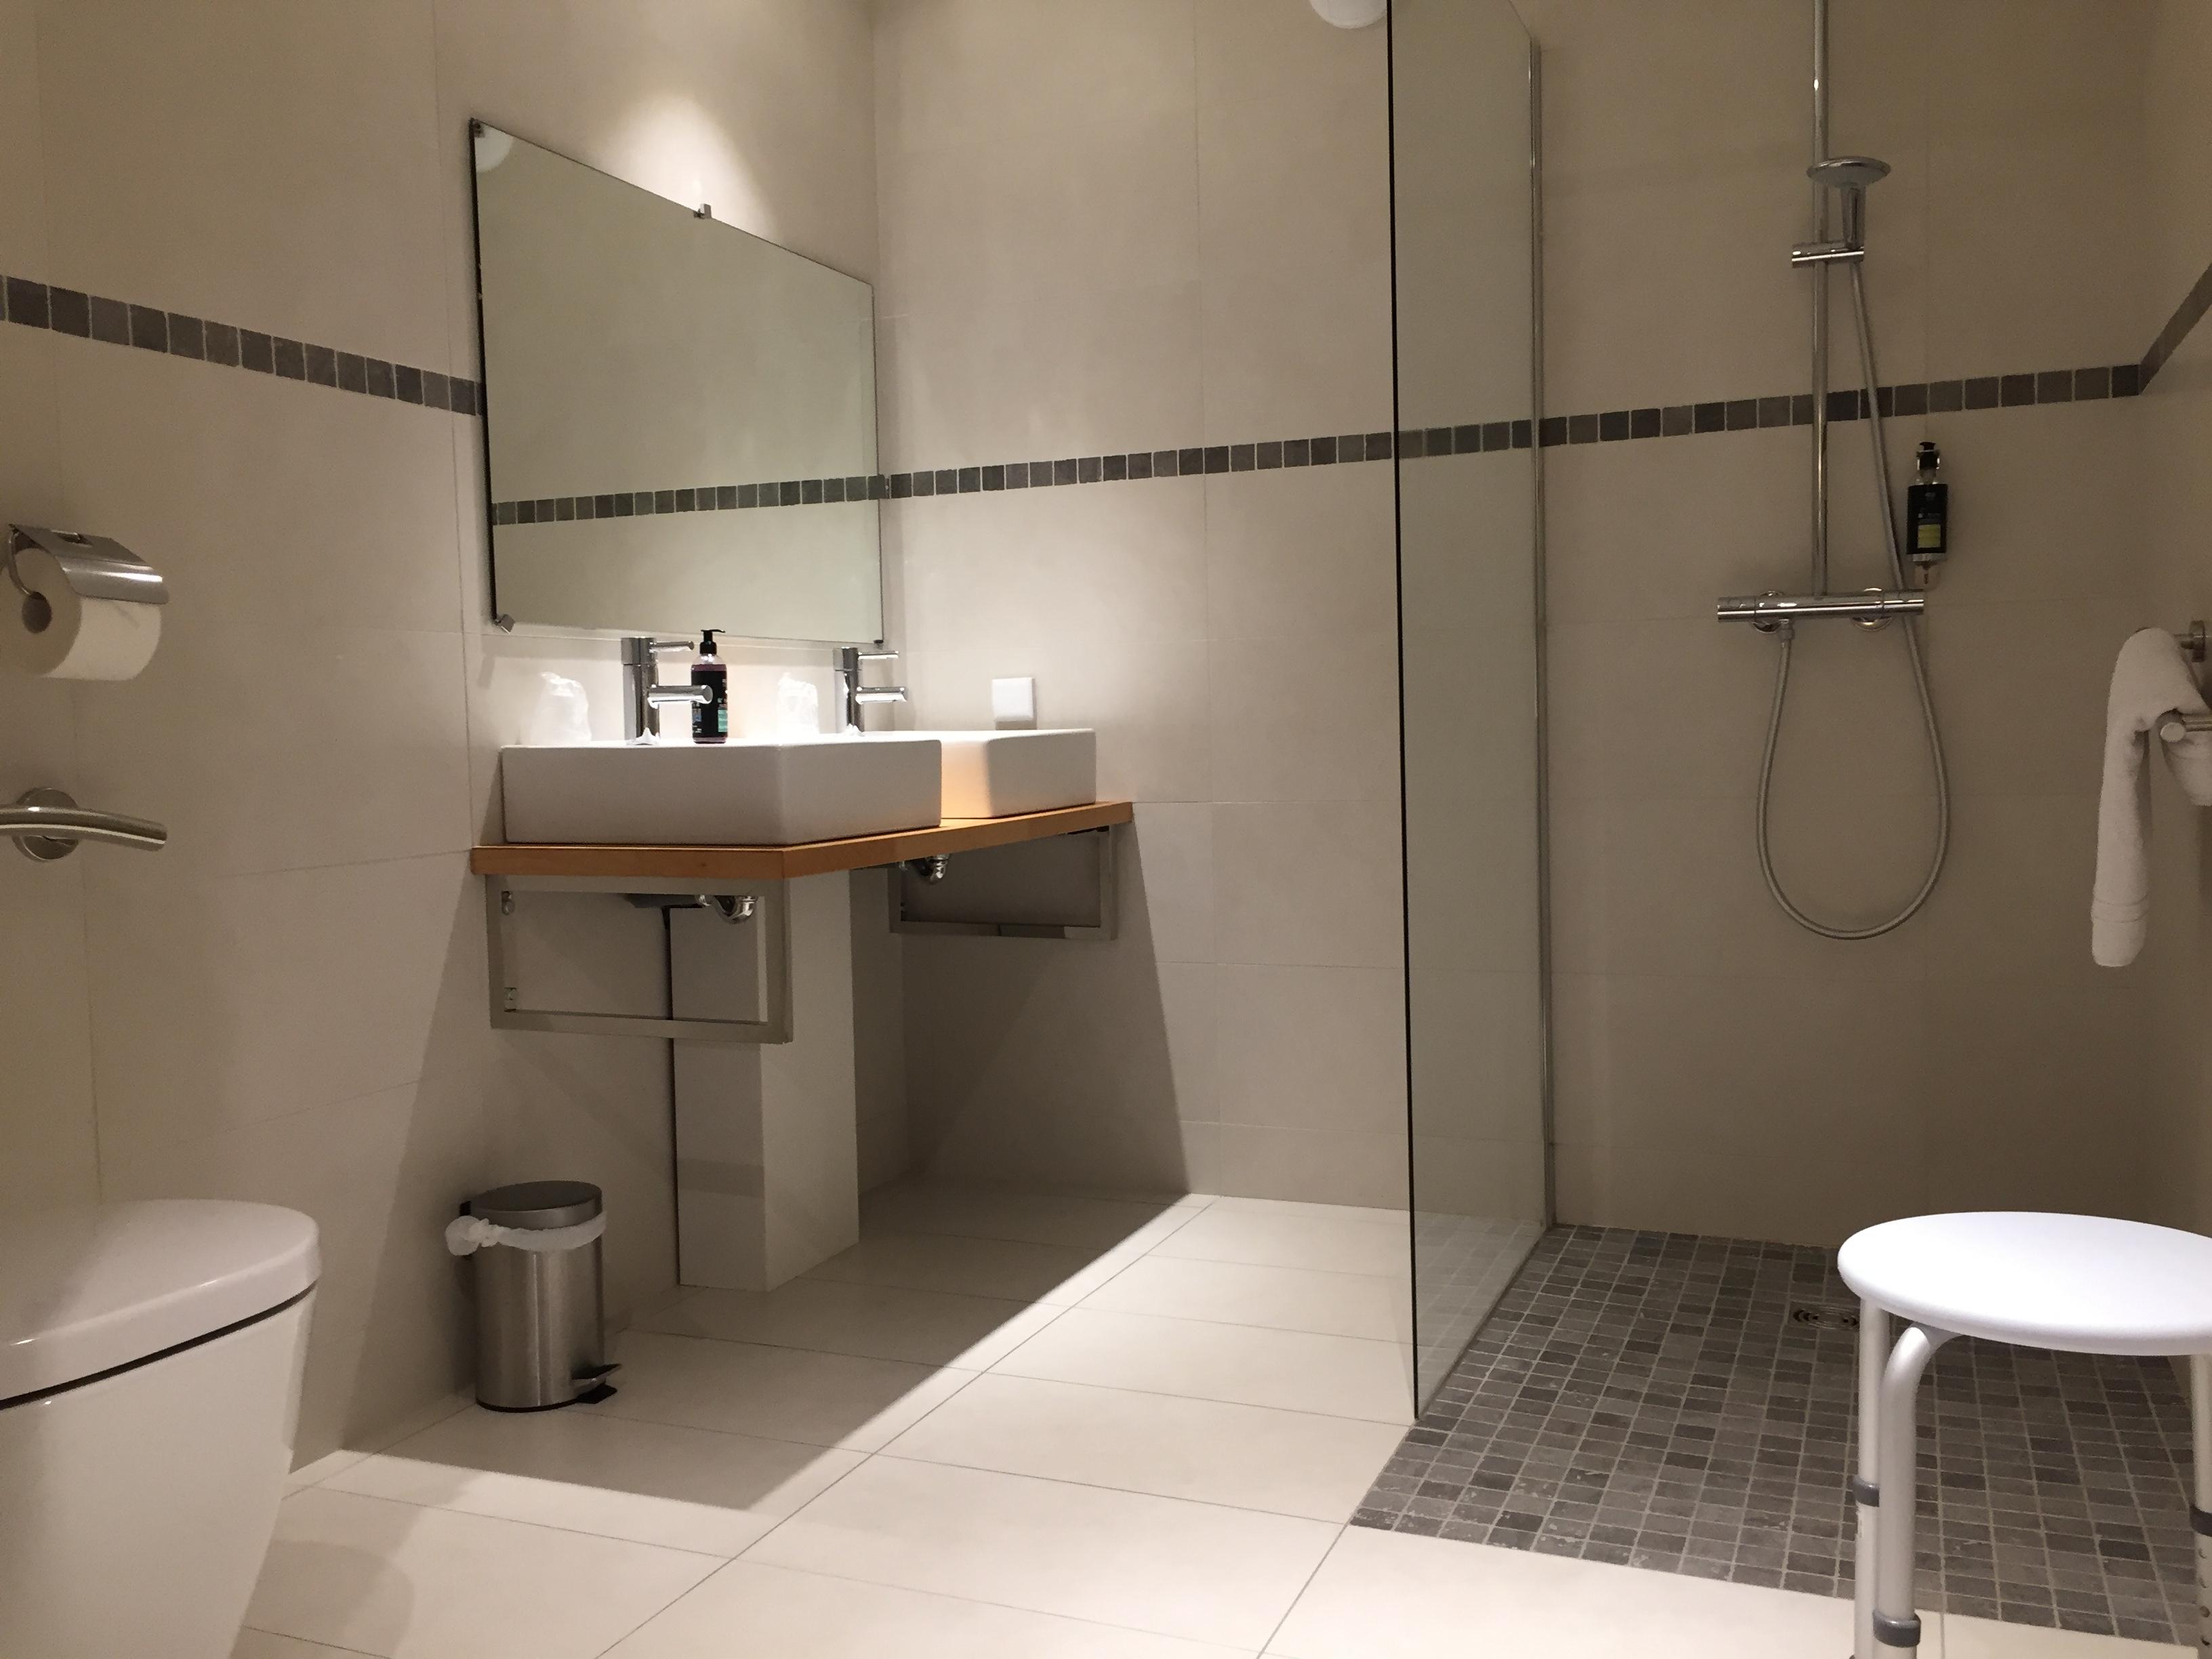 hotel-dauphin-chambre-pmr9